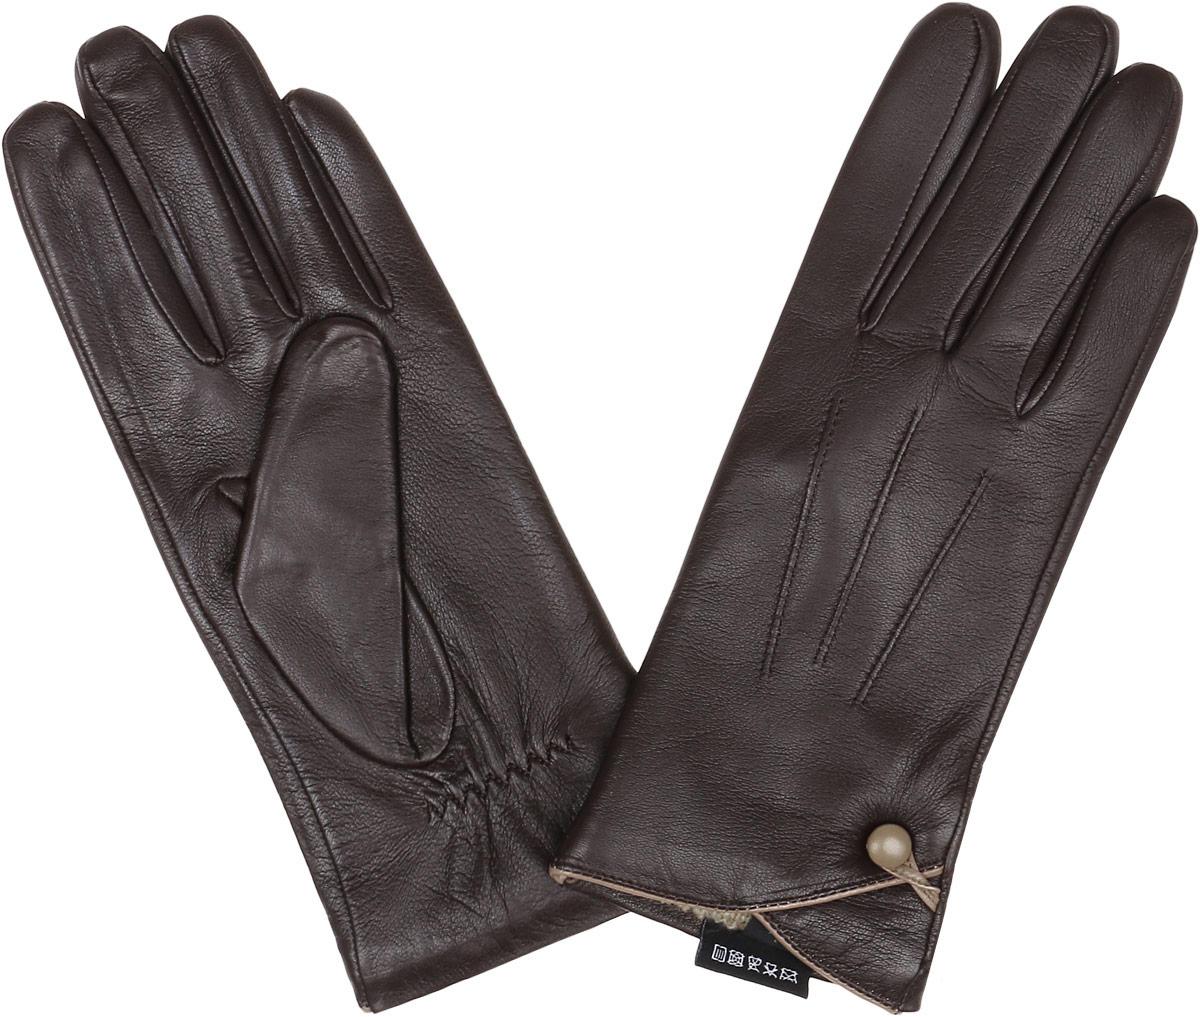 12.38-2 chocolateСтильные женские перчатки Fabretti не только защитят ваши руки, но и станут великолепным украшением. Перчатки выполнены из натуральной кожи ягненка, а их подкладка - из высококачественной шерсти с добавлением кашемира. Модель оформлена оригинальными строчками-стежками и дополнена небольшой пуговкой с петелькой. Стильный аксессуар для повседневного образа.